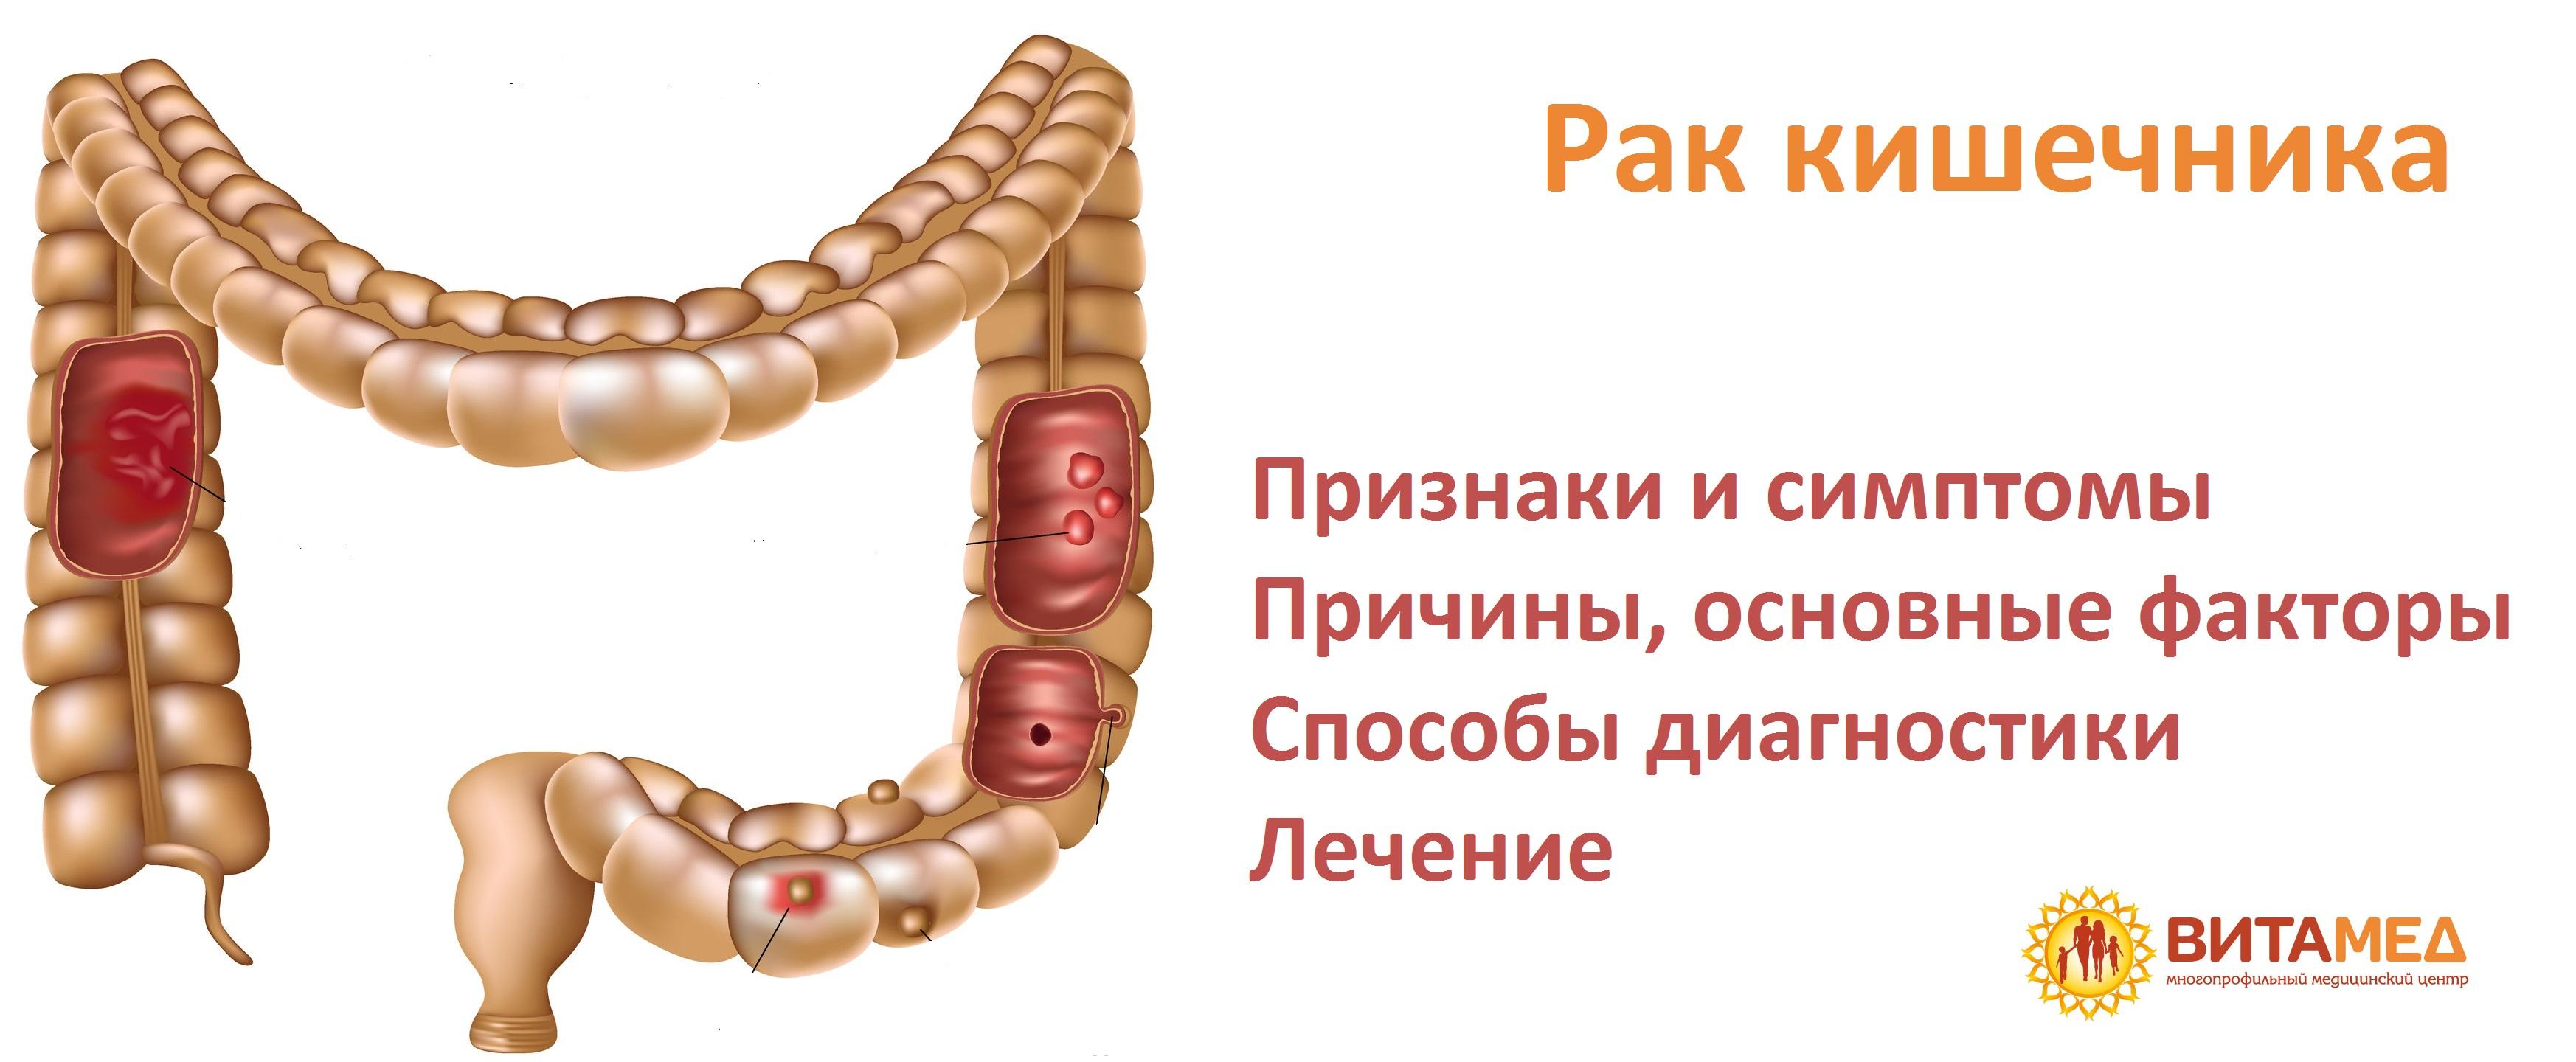 Лечение рака кишечника железы в Москве